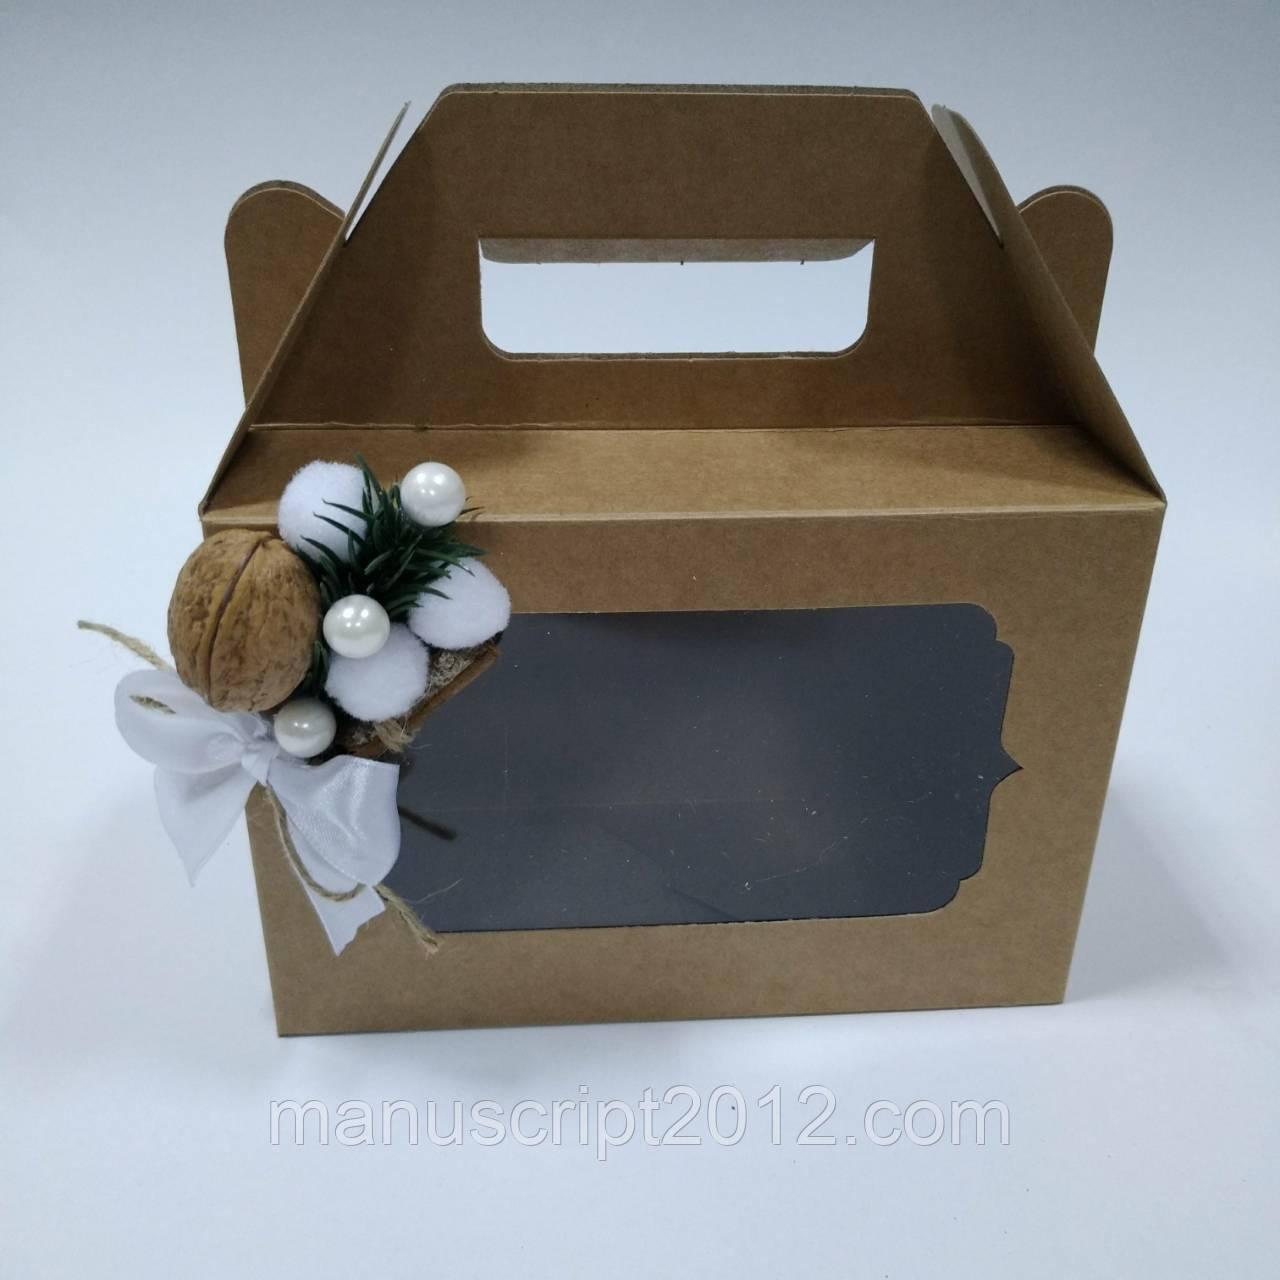 Коробка для подарков с новогодним декором 190х130х90 мм